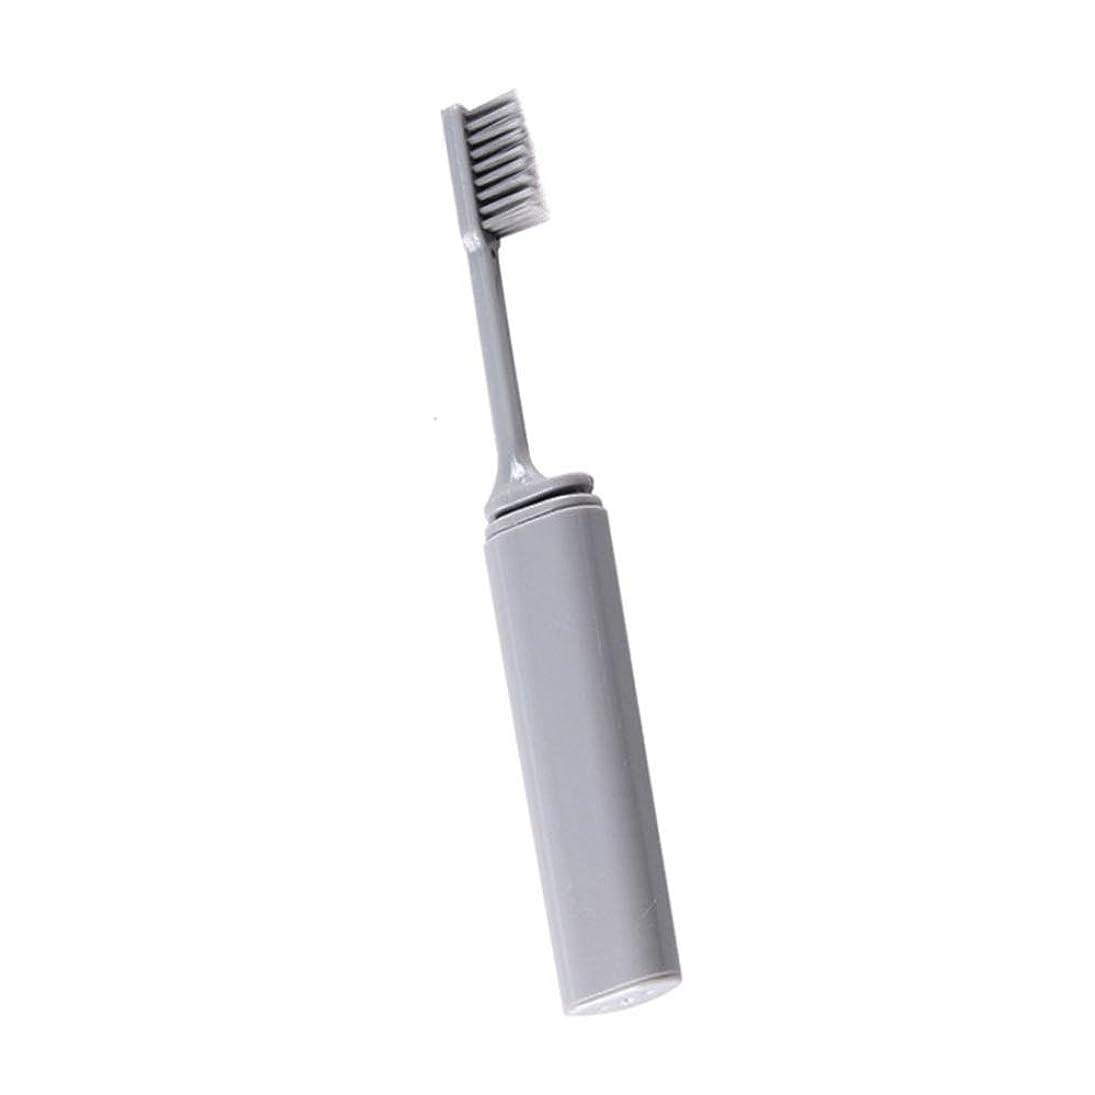 腹部チャネル失業Onior 旅行歯ブラシ 折りたたみ歯ブラシ 携帯歯ブラシ 外出 旅行用品, ソフト コンパクト歯ブラシ 便利 折りたたみ 耐久性 携帯用 灰色